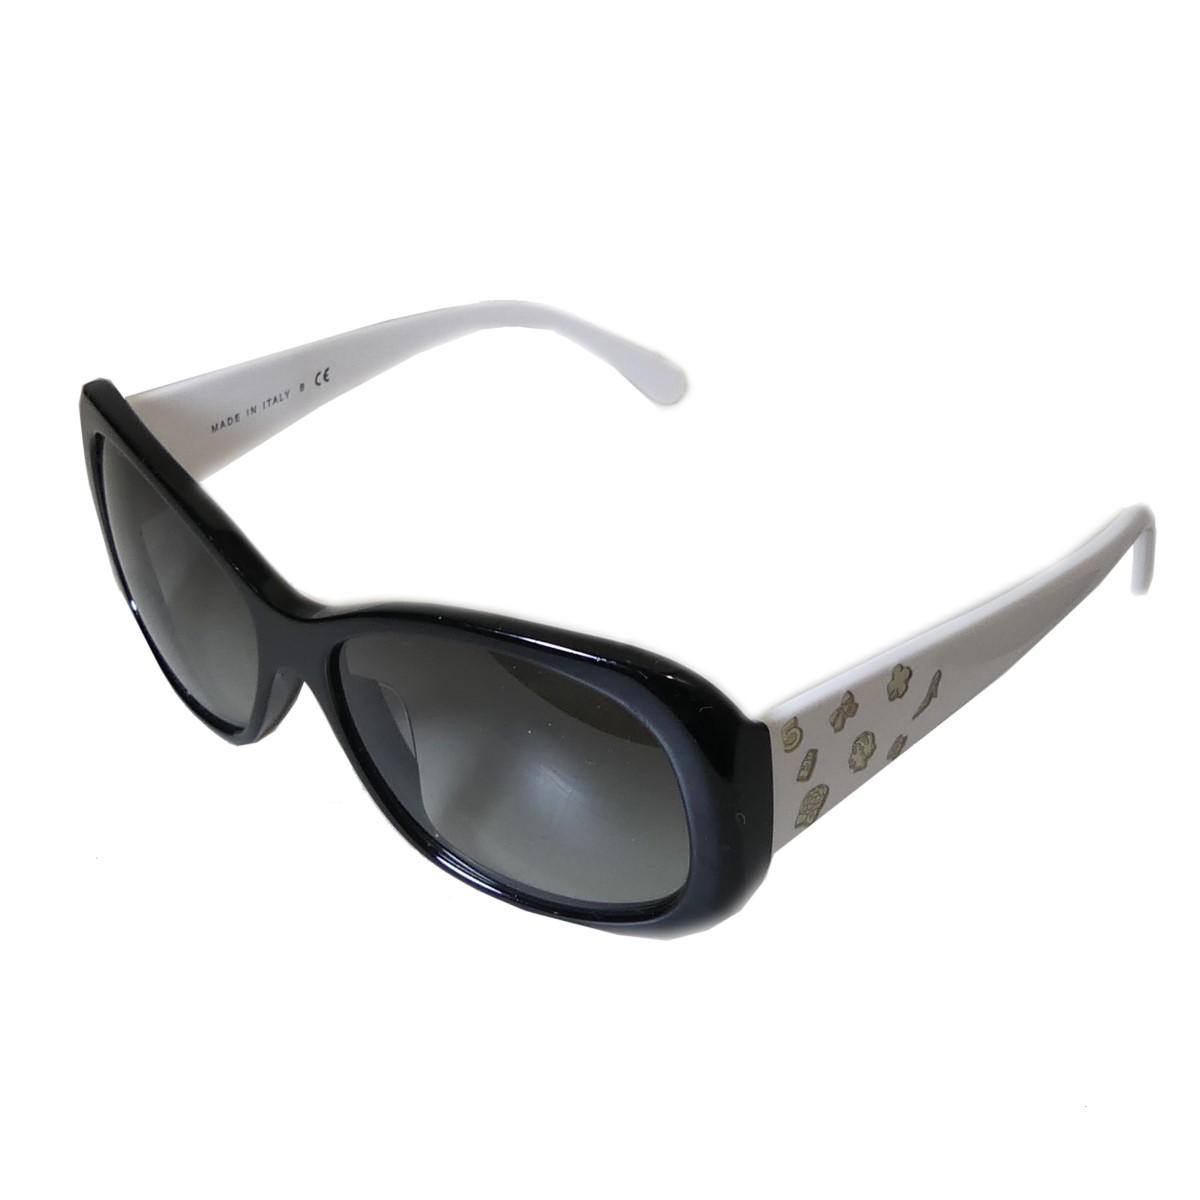 【中古】CHANEL スクエア フレーム 眼鏡 ホワイト×ブラック サイズ:55□15-135 【030120】(シャネル)